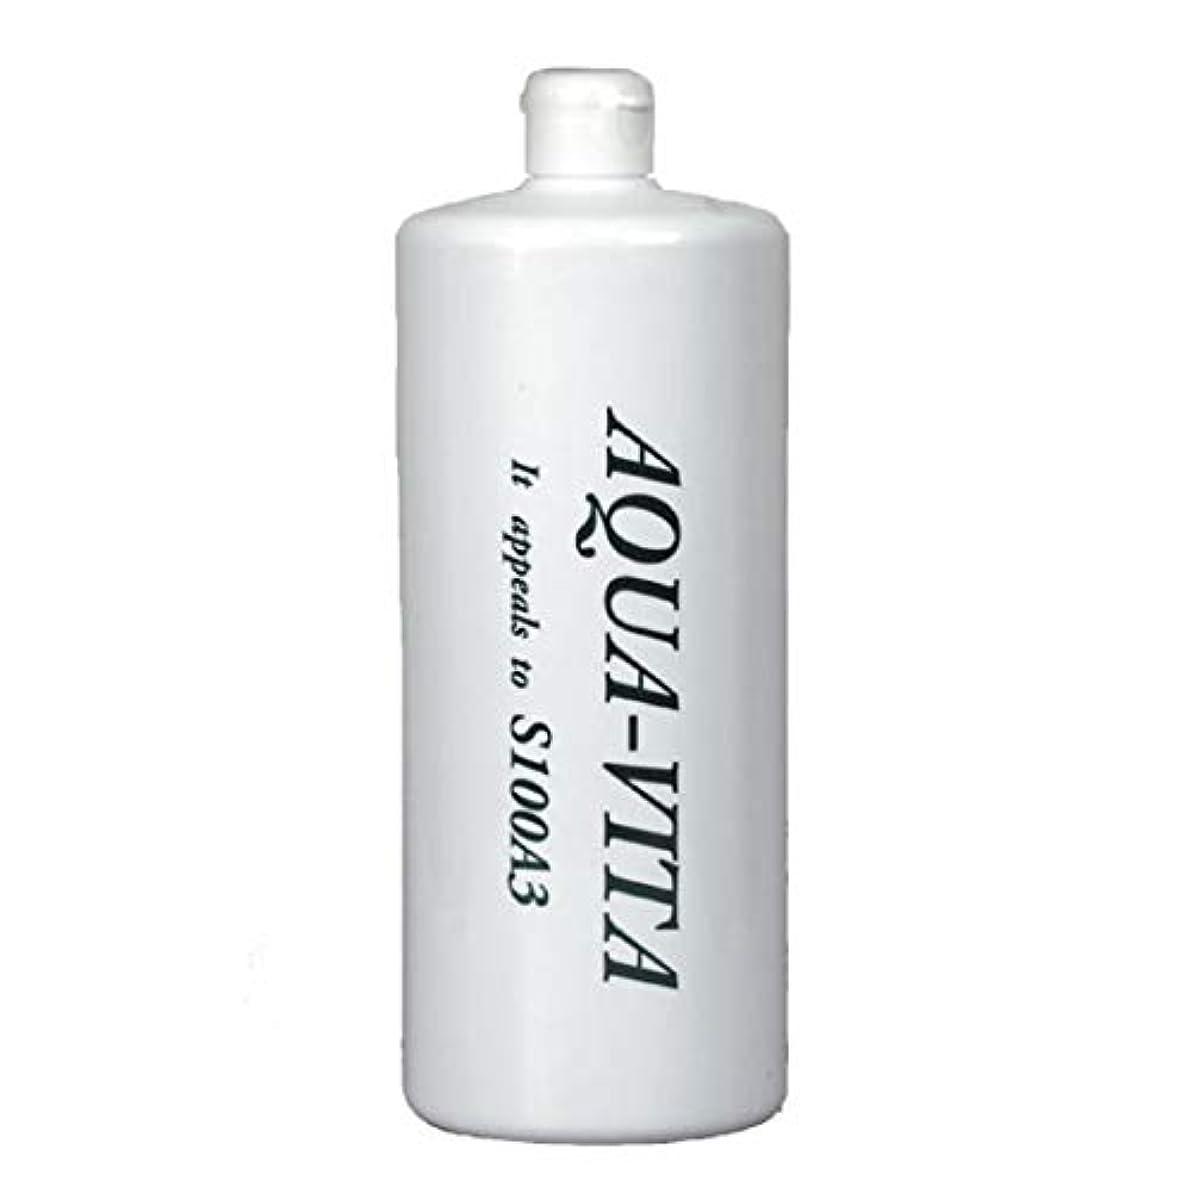 またね細胞クランプ全身用化粧水 アクアヴィータ (1000ml (お得用サイズ))